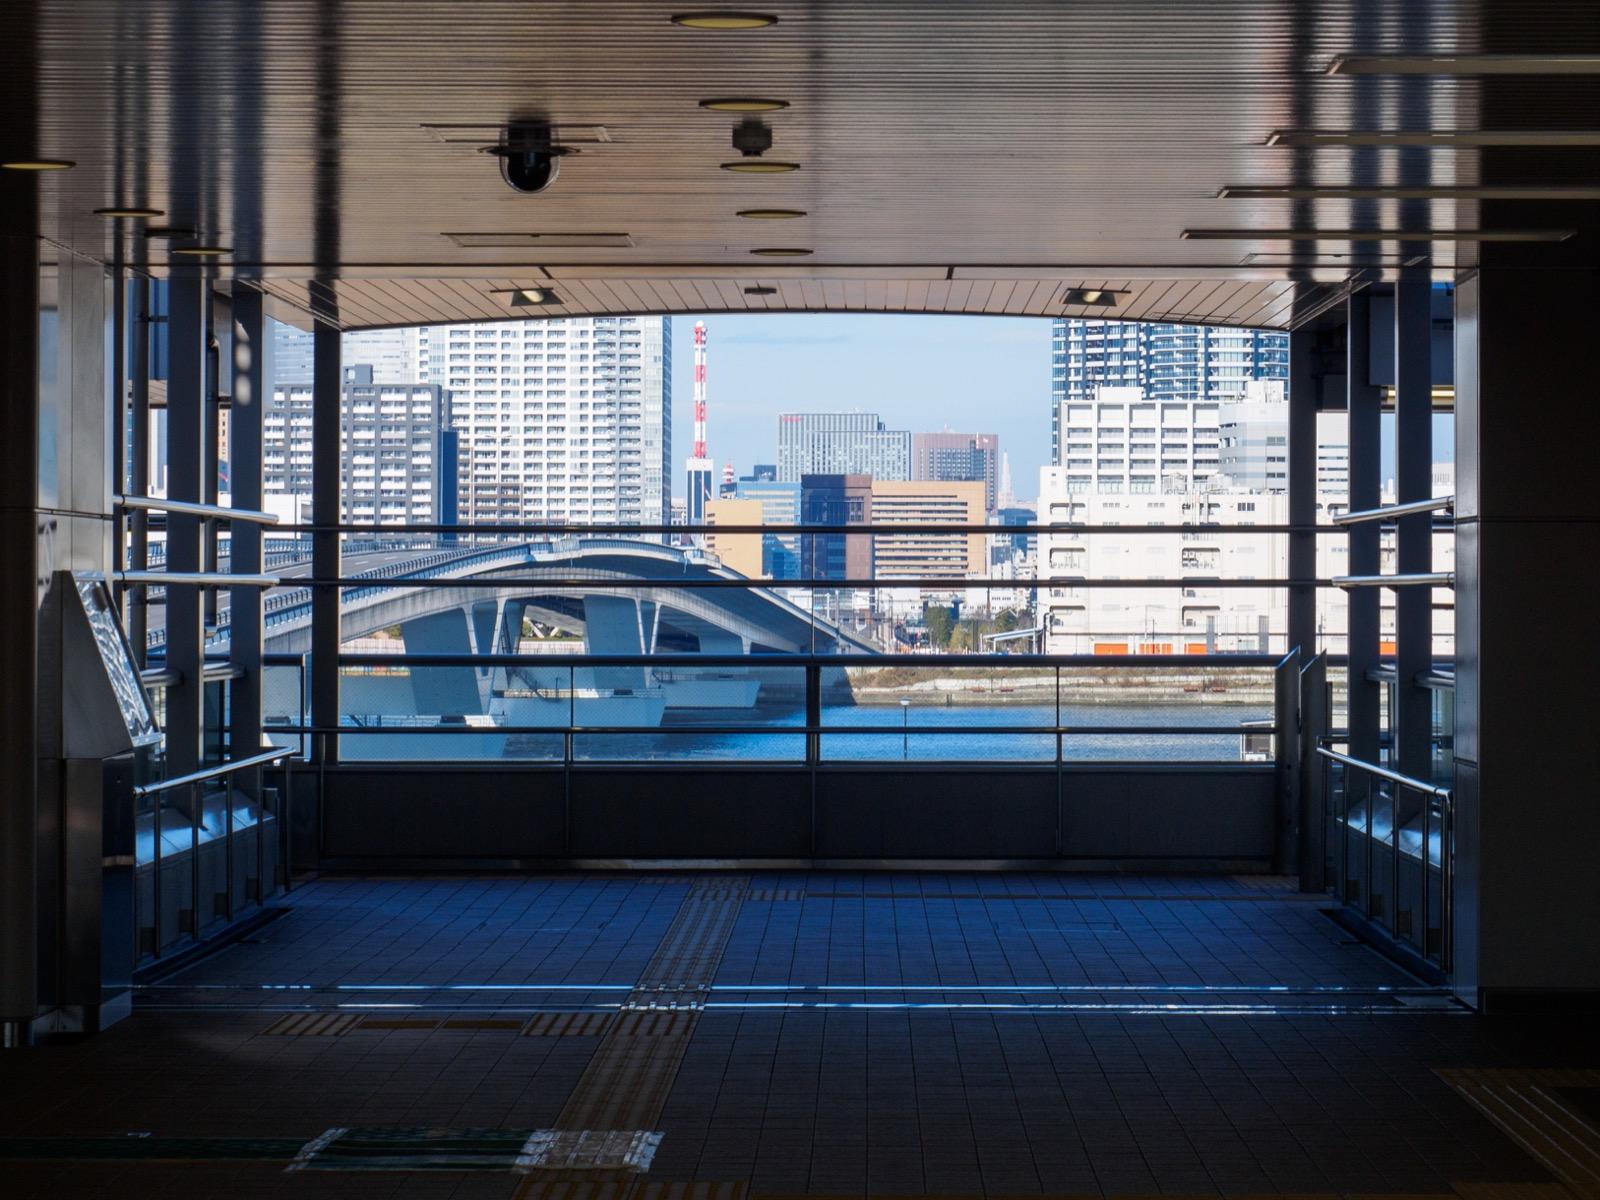 市場前駅のコンコースから見る晴海運河